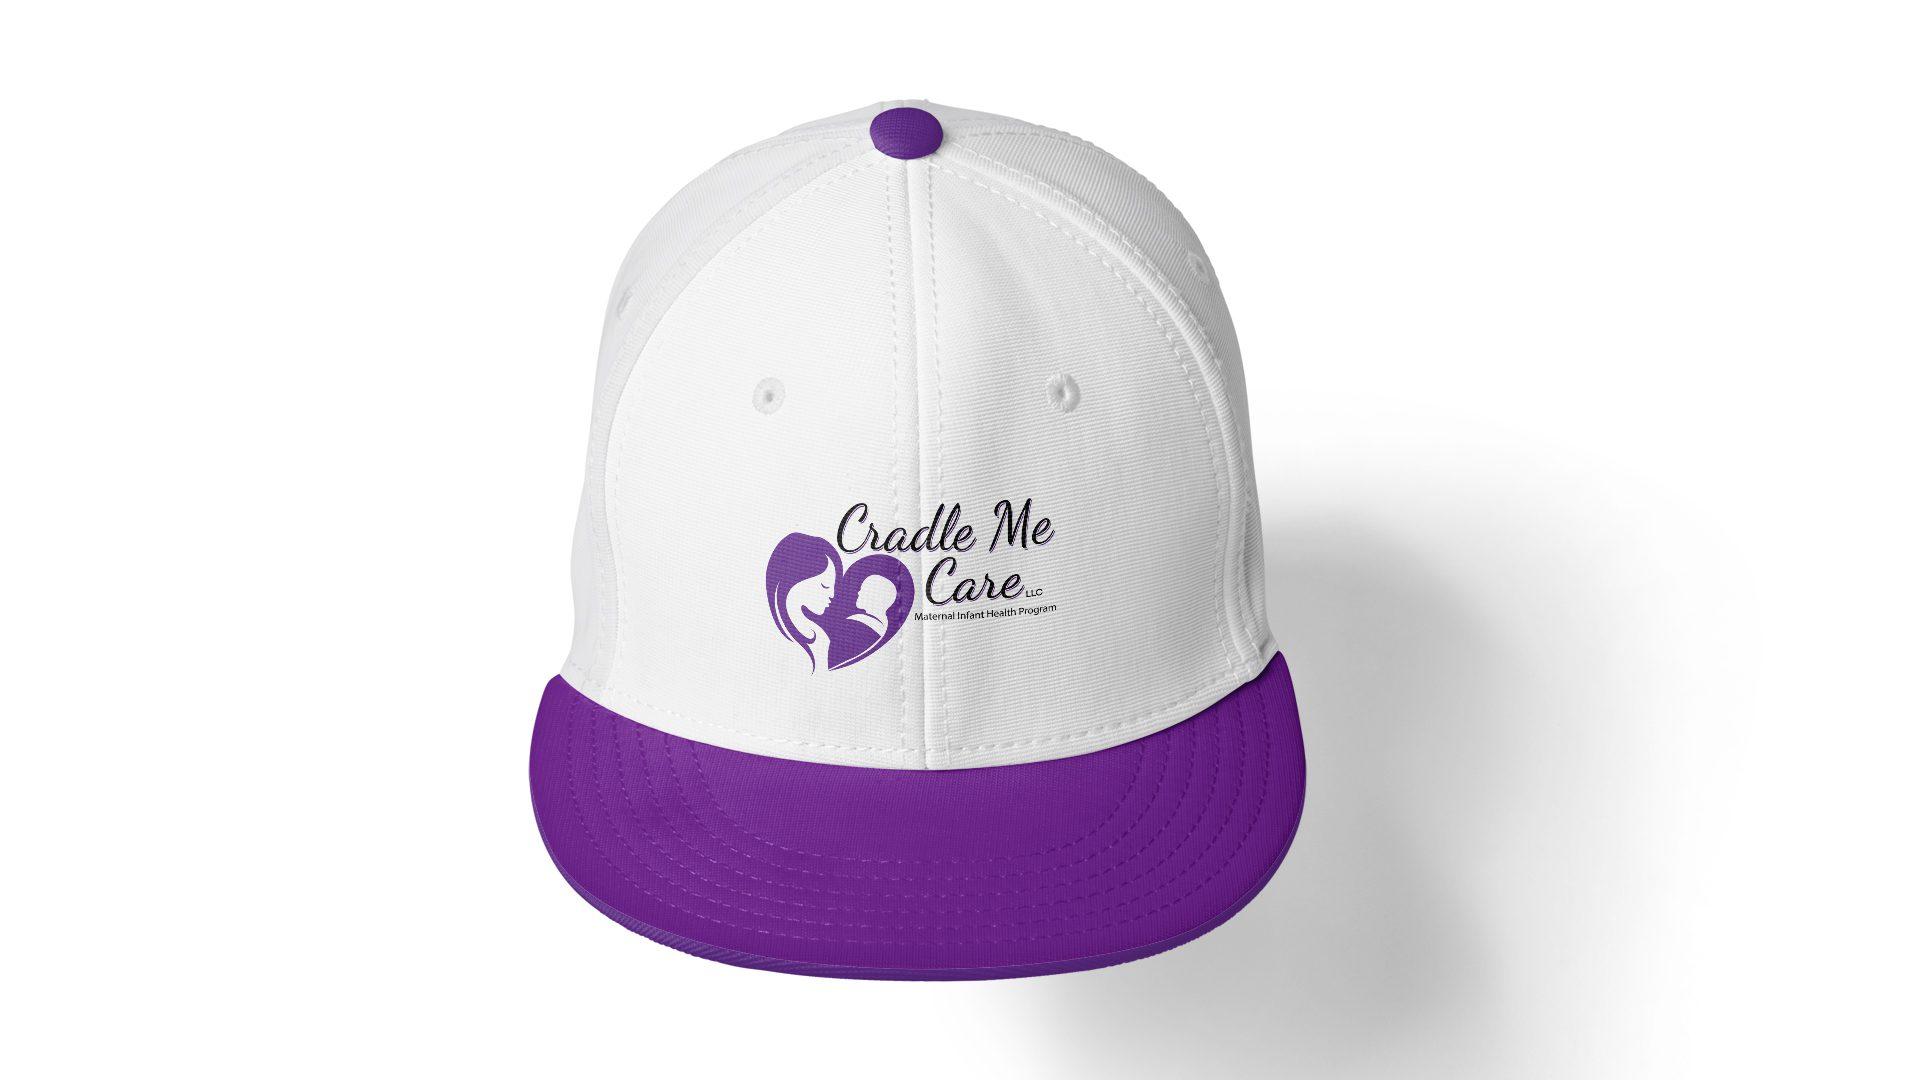 Cradle Me Care - Rebranding (2)